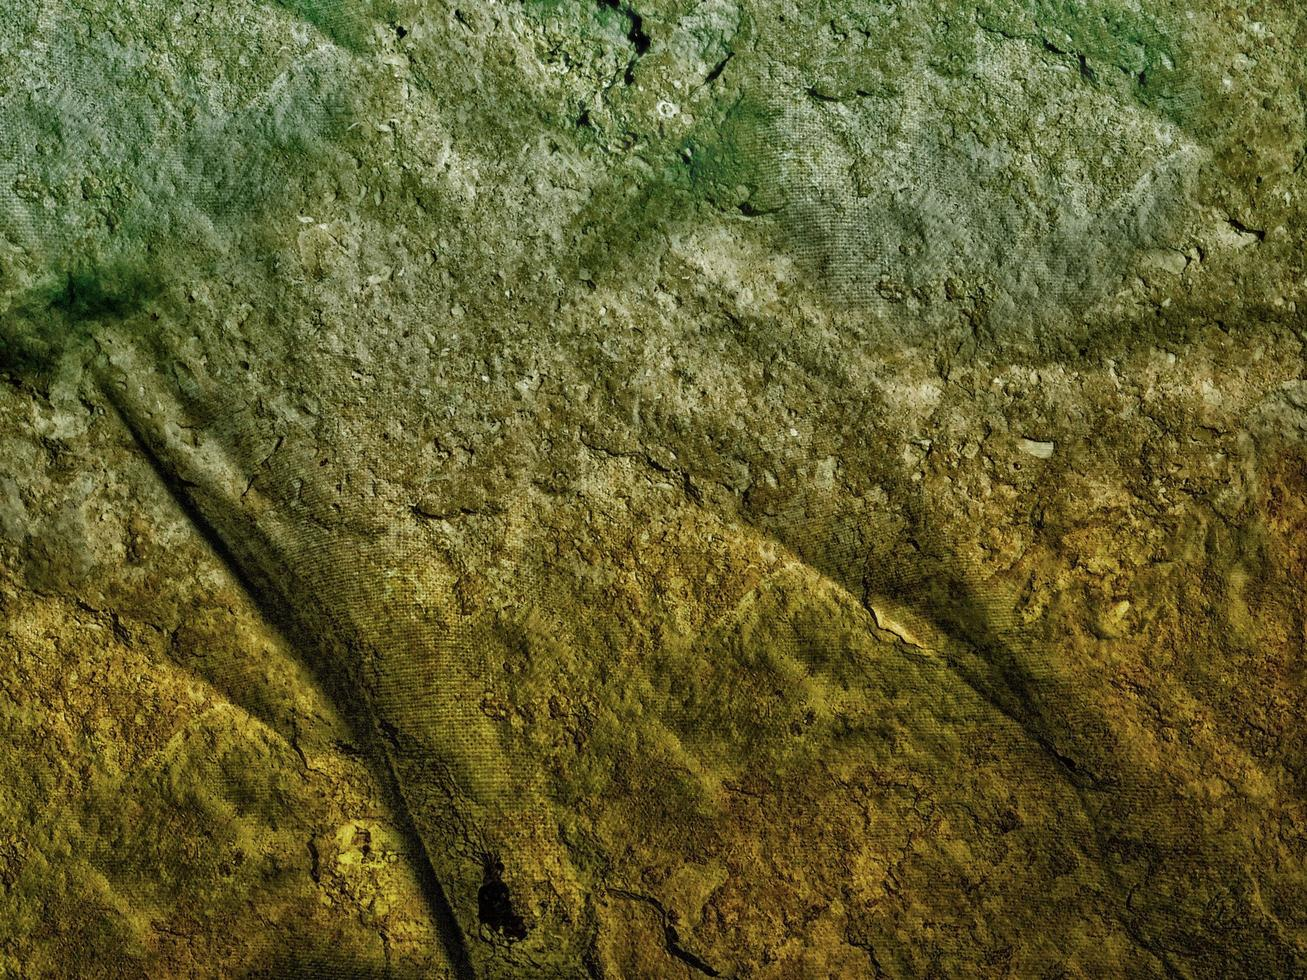 textura de mármol en el jardín foto